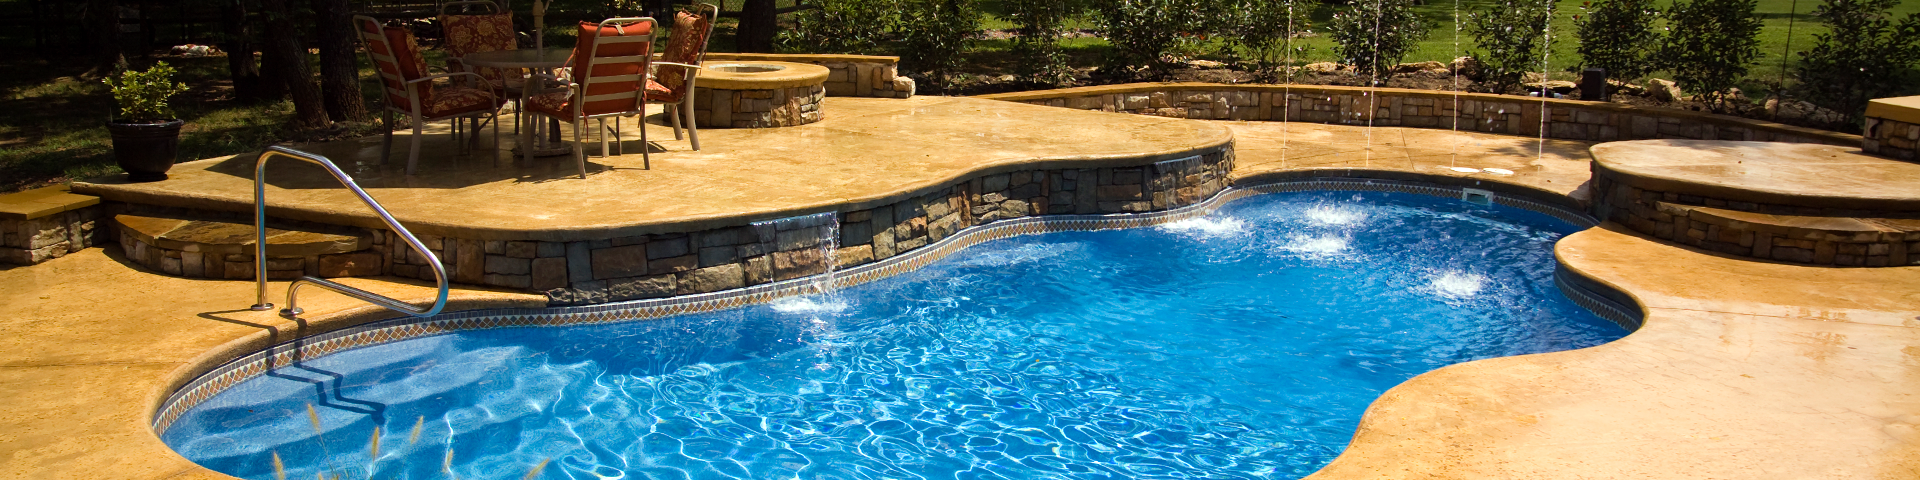 Freeform Fiberglass Pools